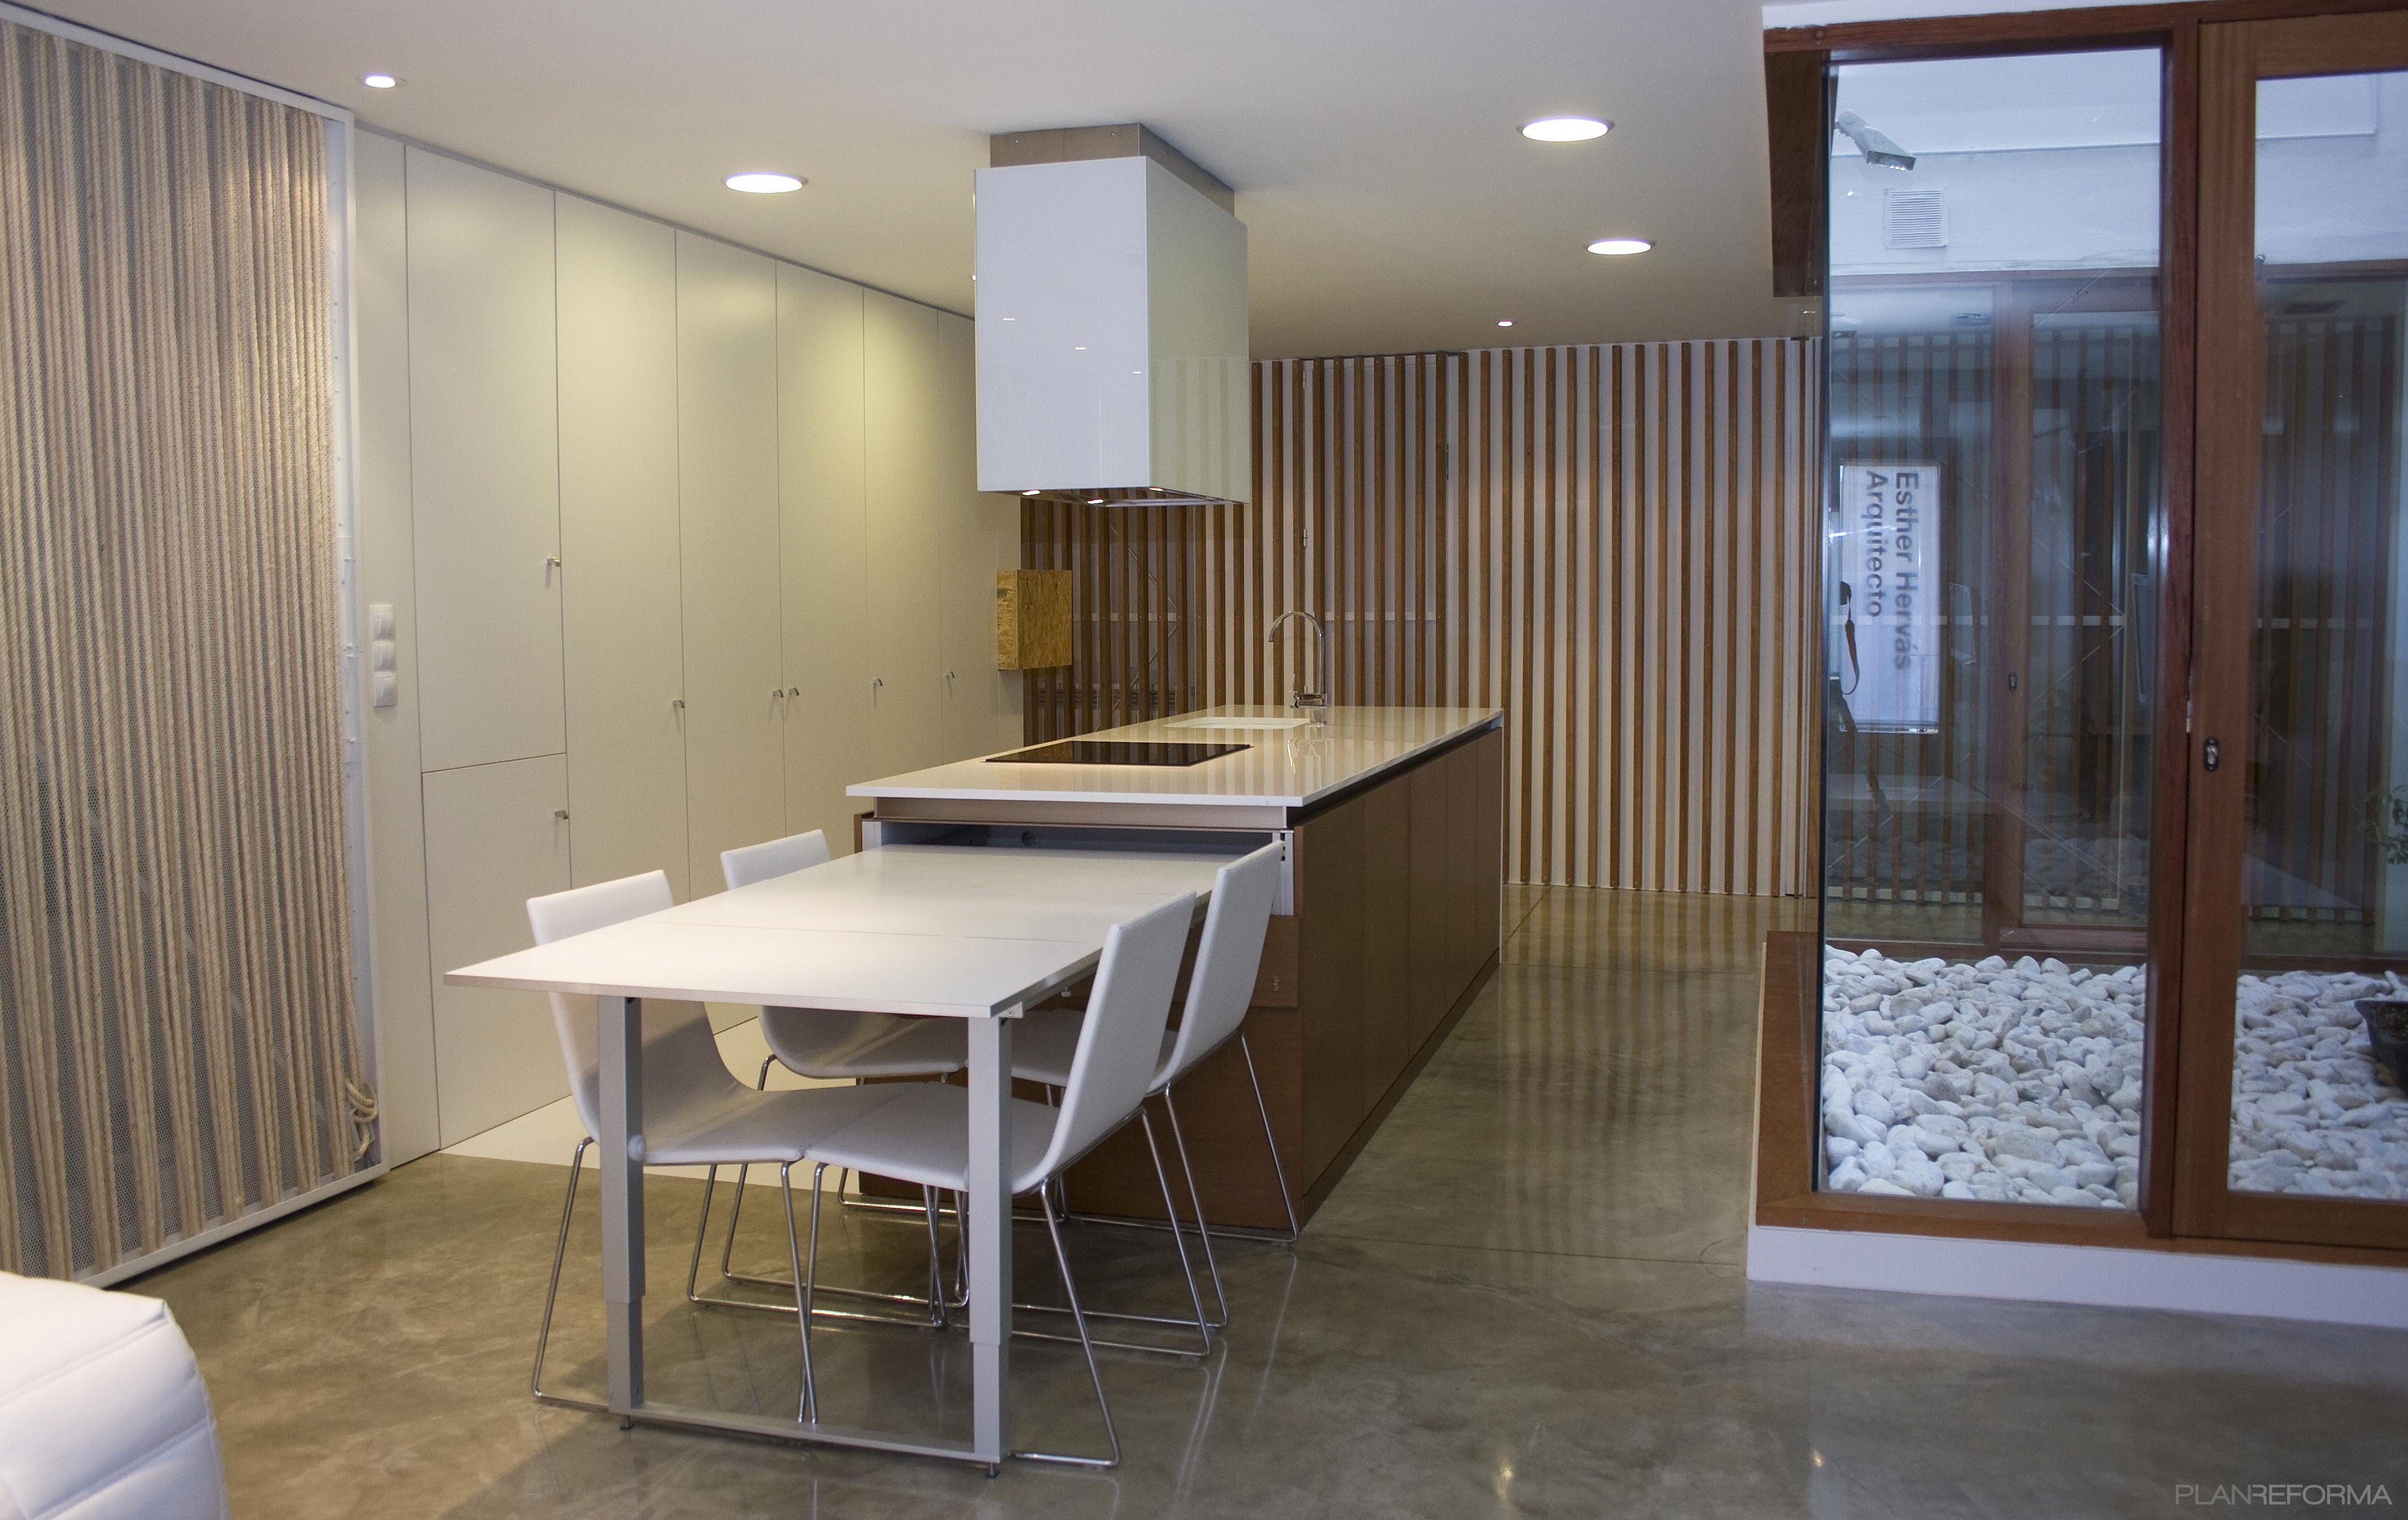 Comedor cocina patio style moderno color marron blanco for Comedor gris moderno